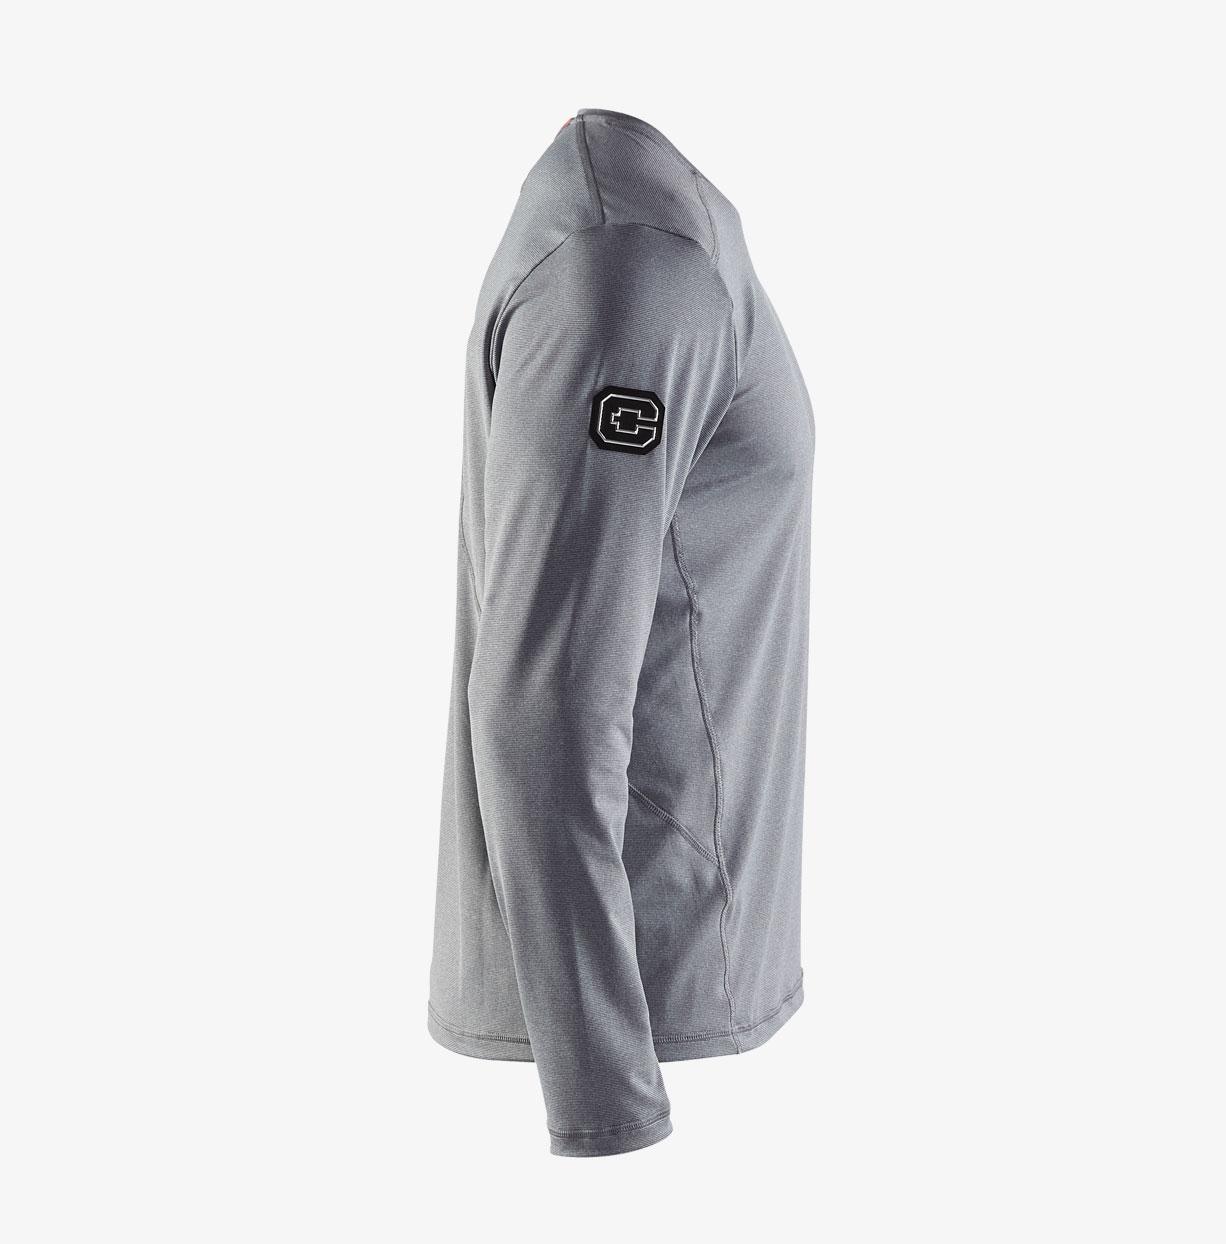 cln-ultra-longslevve-tee-grey-side